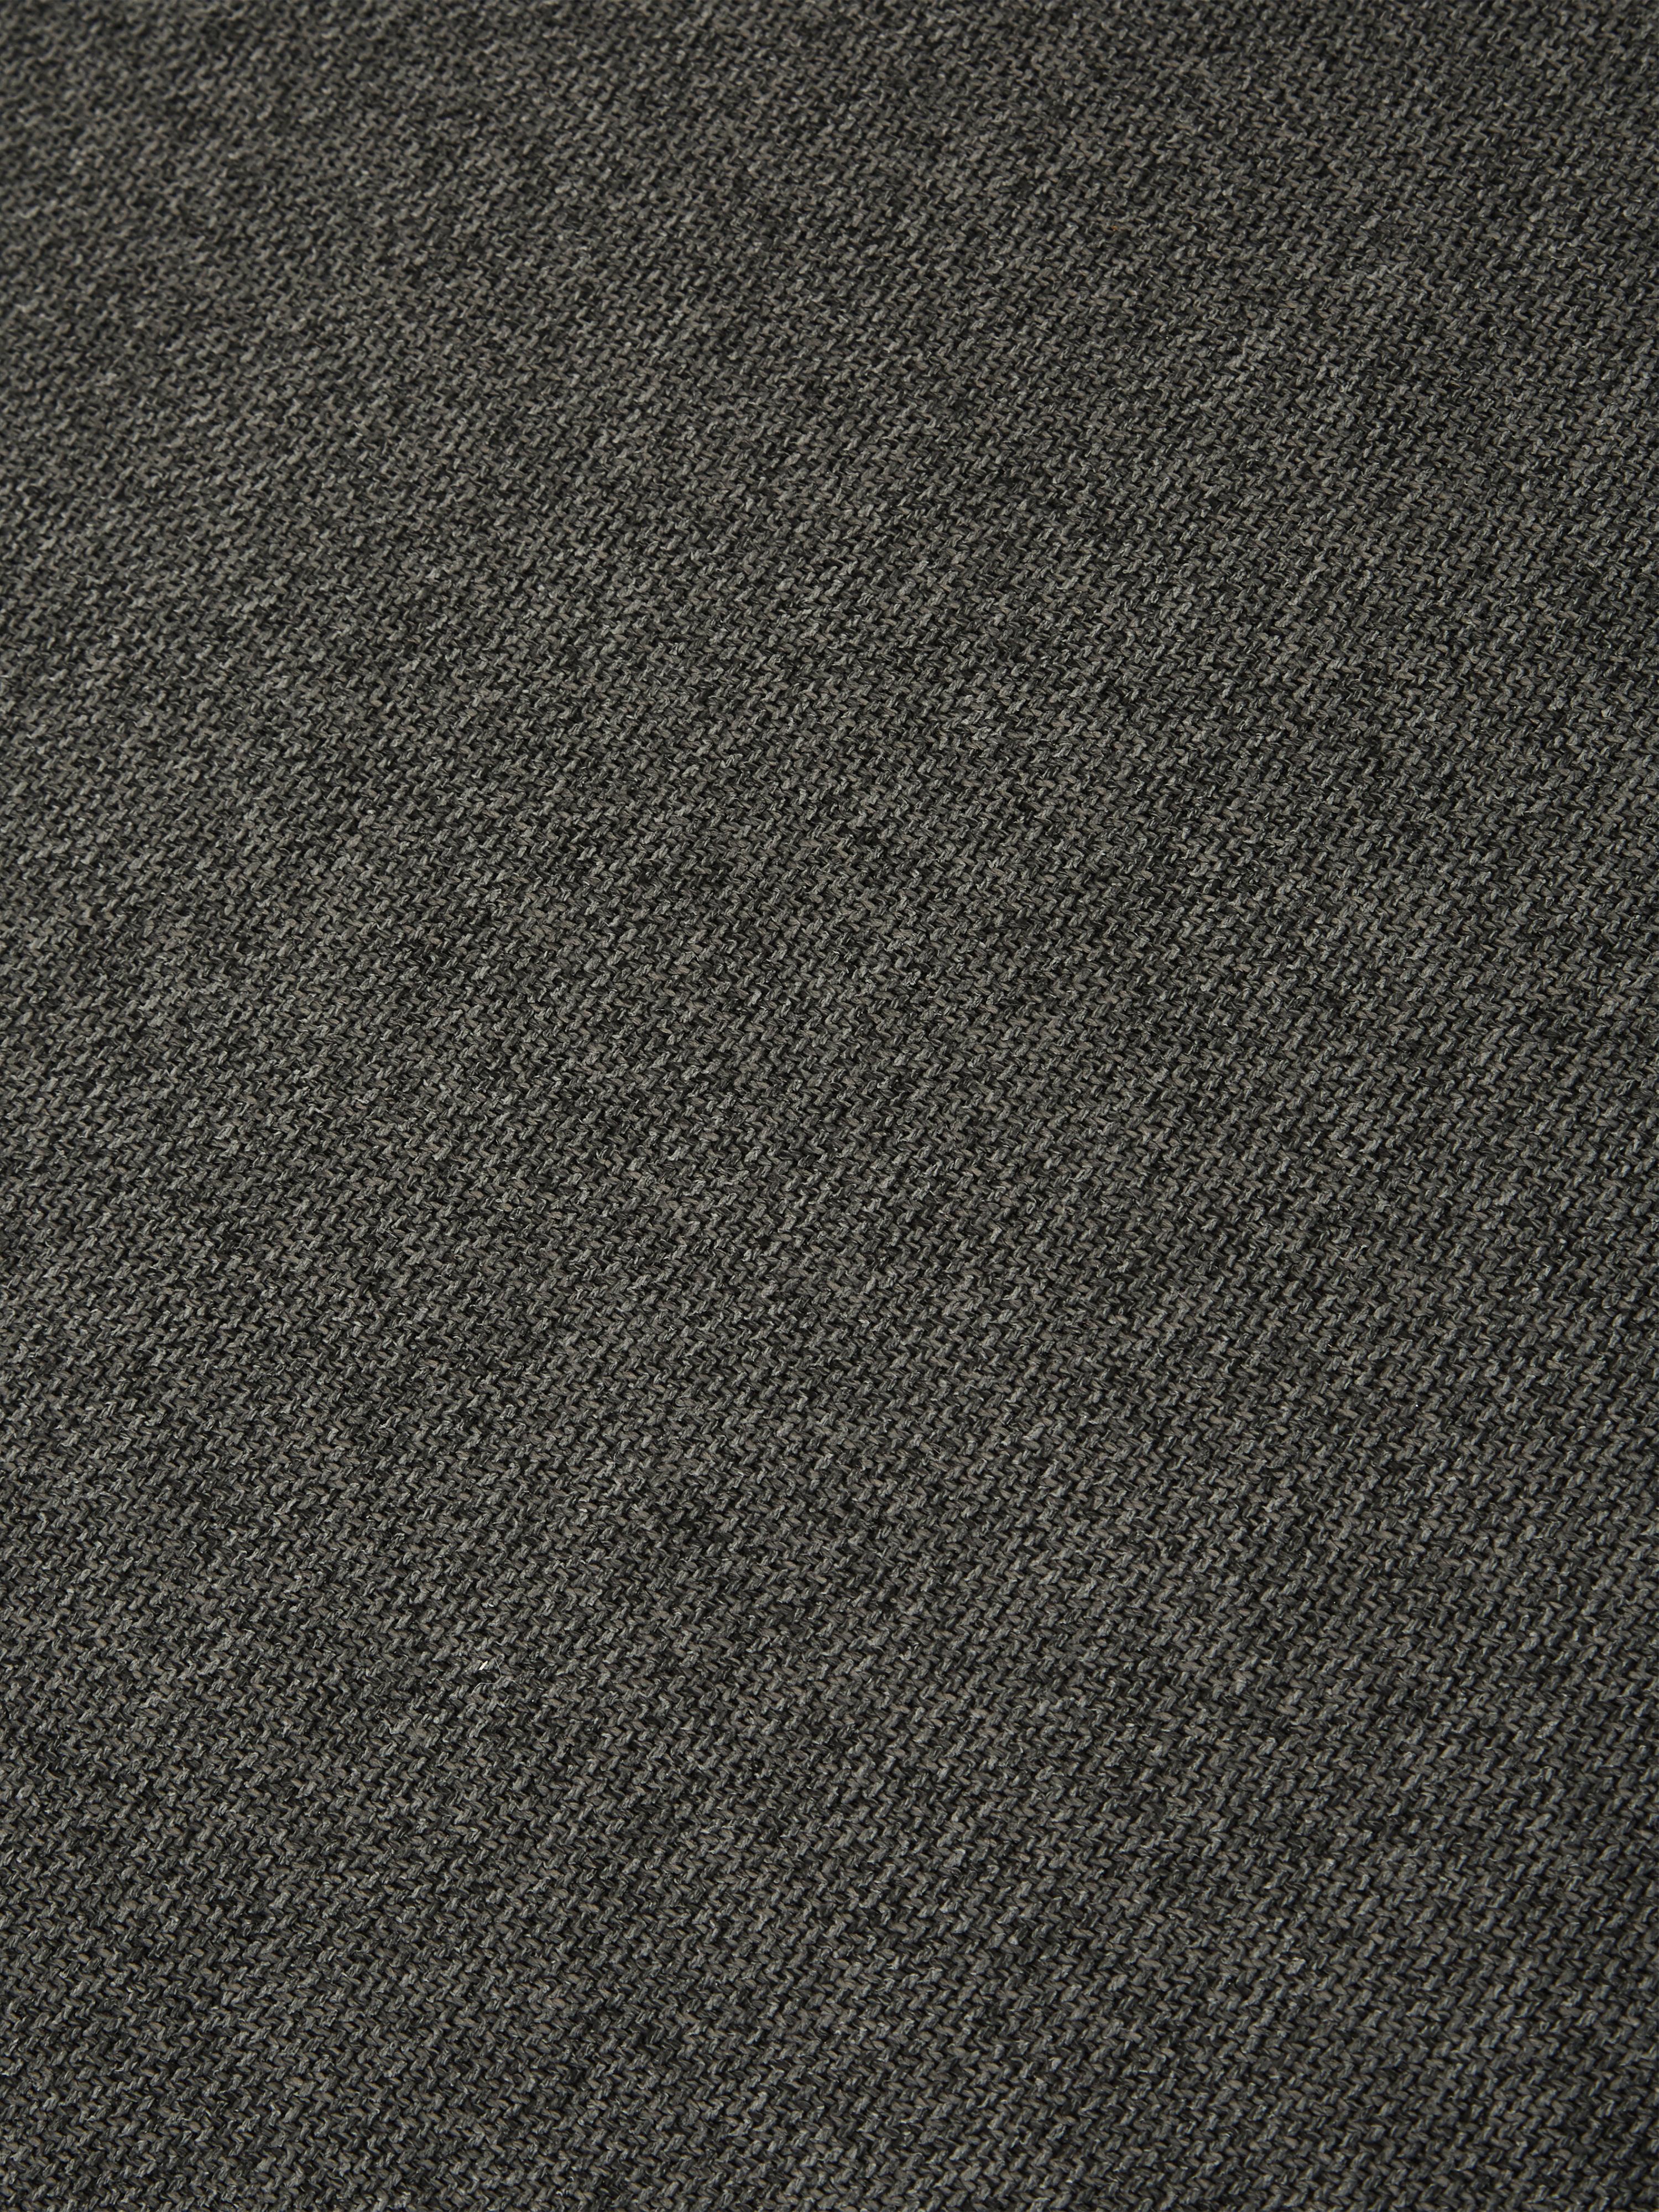 Diván modular Lennon, Tapizado: poliéster Resistencia a l, Estructura: madera de pino maciza, ma, Patas: plástico, Gris antracita, An 269 x F 119 cm